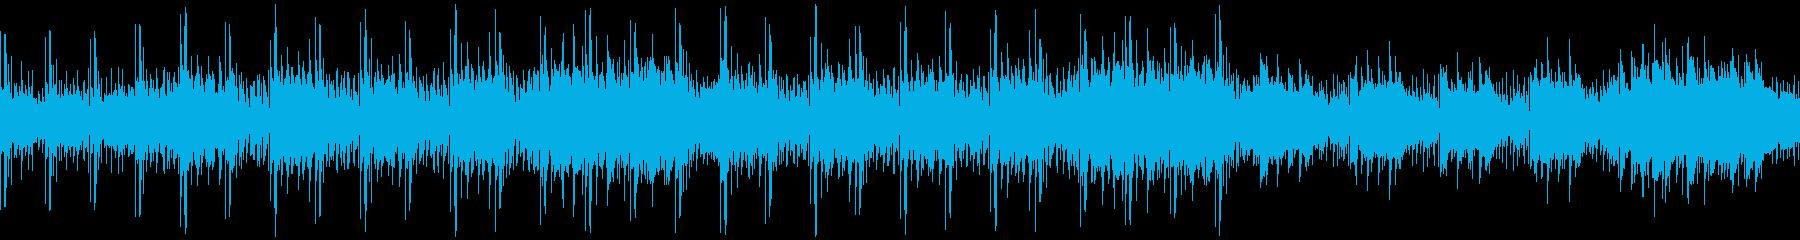 「緊迫・絶望」ホラー&サスペンス系BGMの再生済みの波形